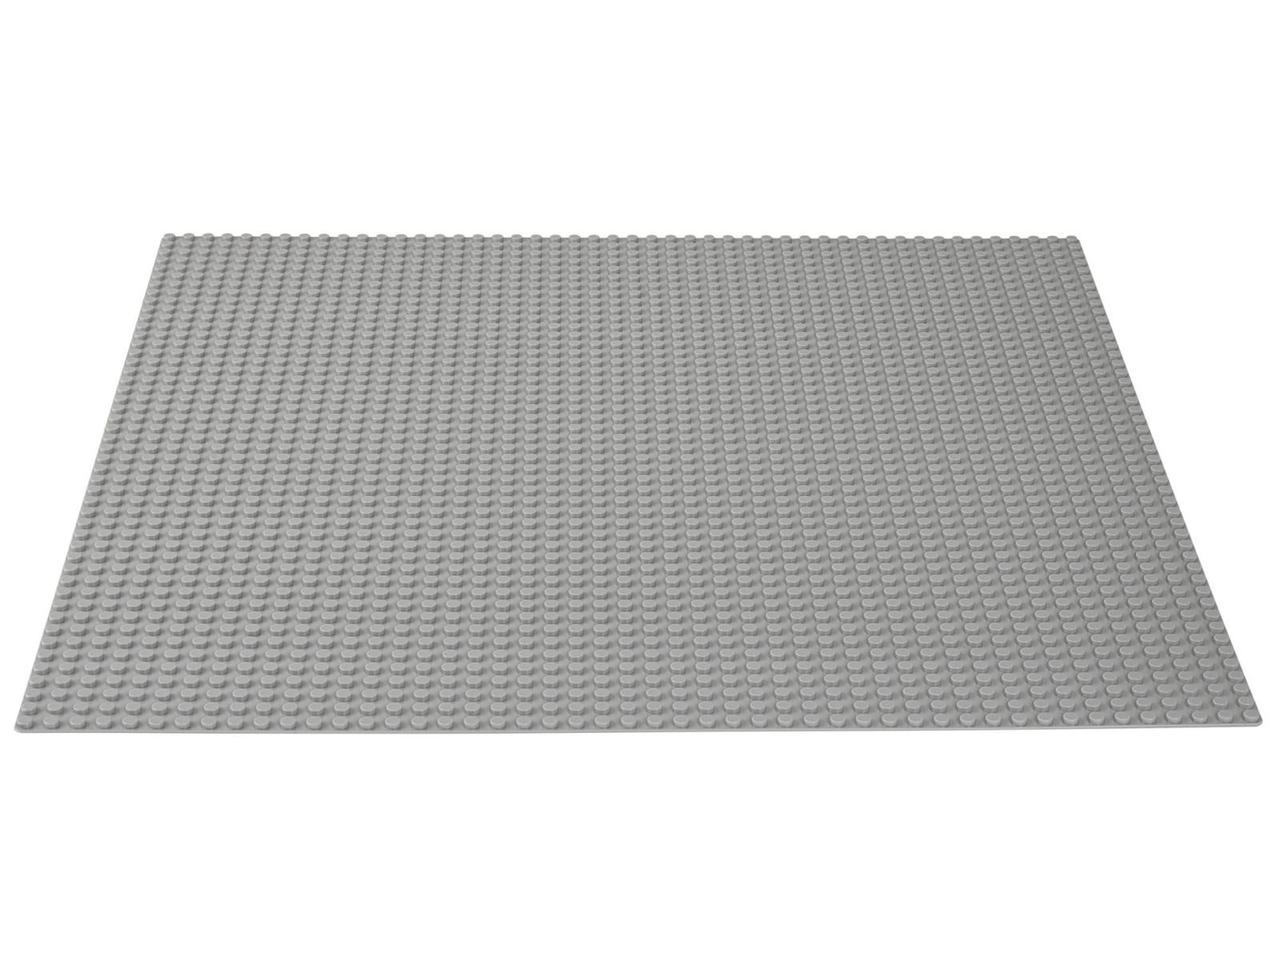 LEGO возраст 4+ : Строительная пластина серого цвета Classic 10701 - фото 2